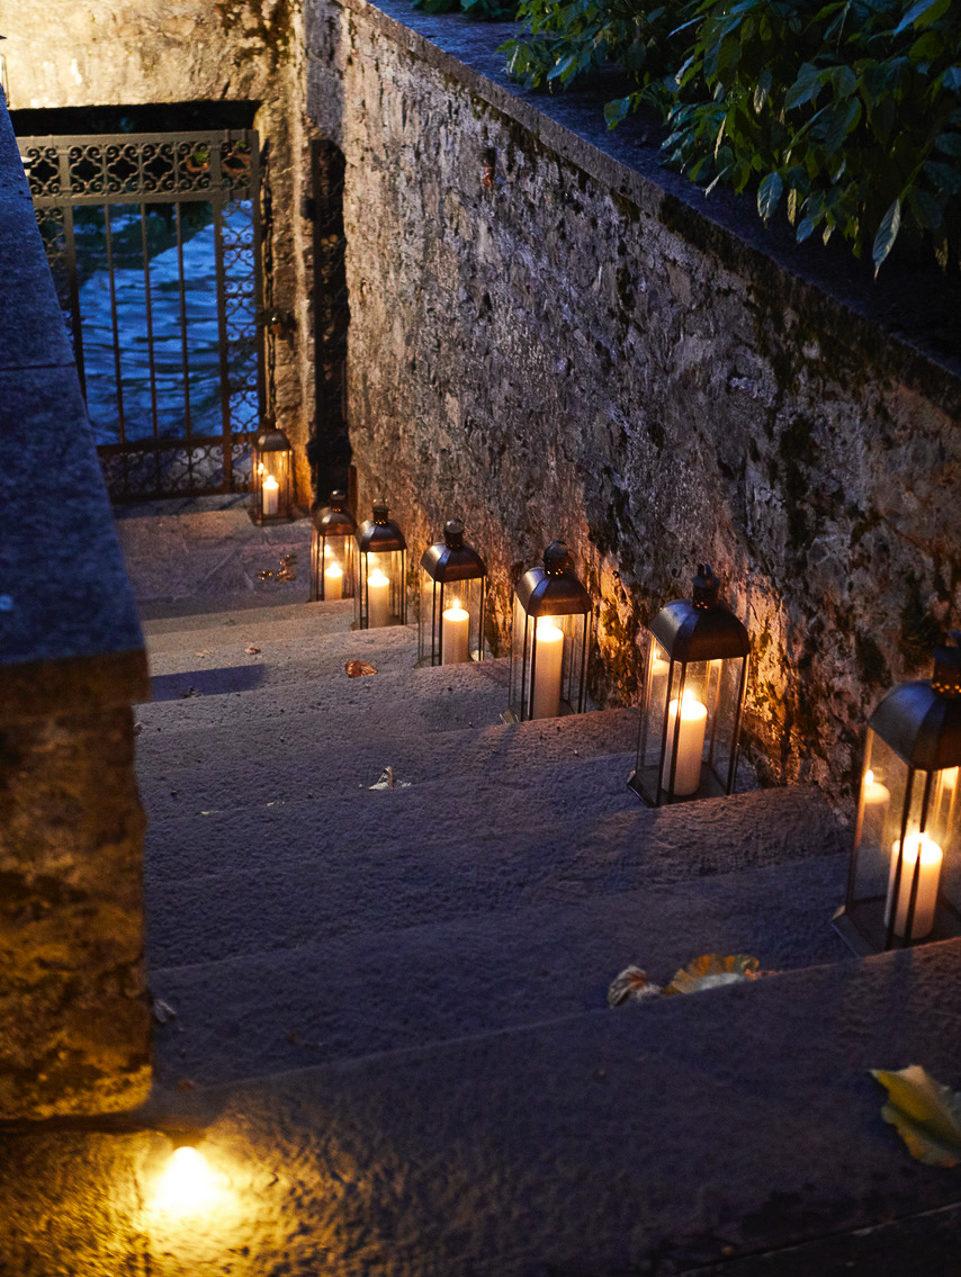 Villa balbiano by night e1569870891609